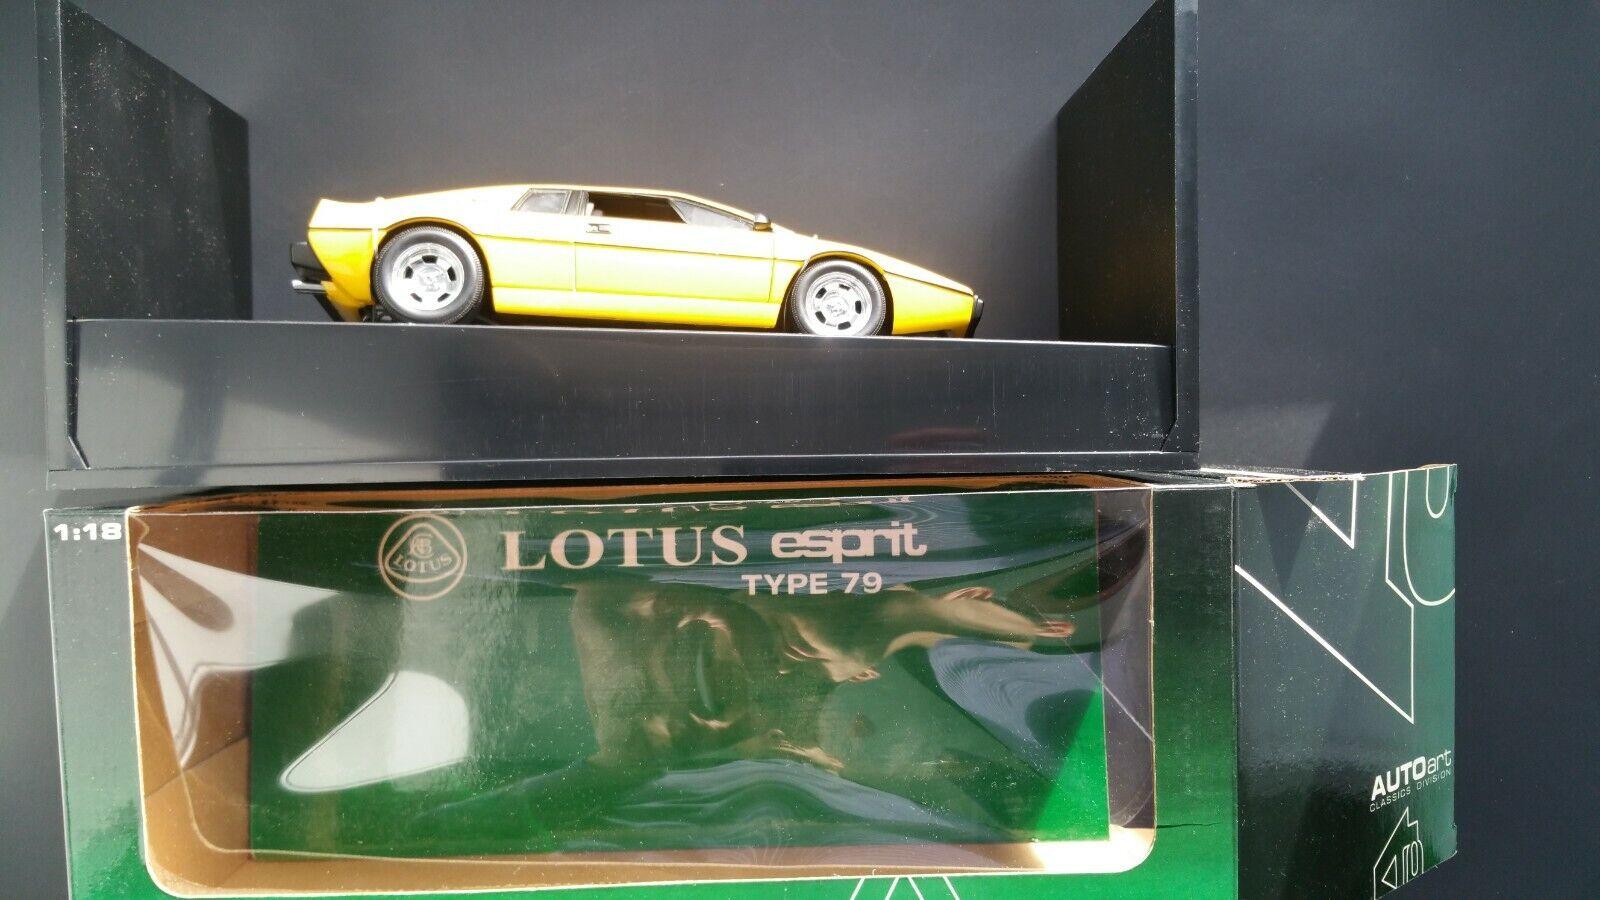 artículos novedosos Autoart Autoart Autoart 1 18 Lotus Esprit tipo 79 Amarillo en Caja Como Nuevo  compras en linea